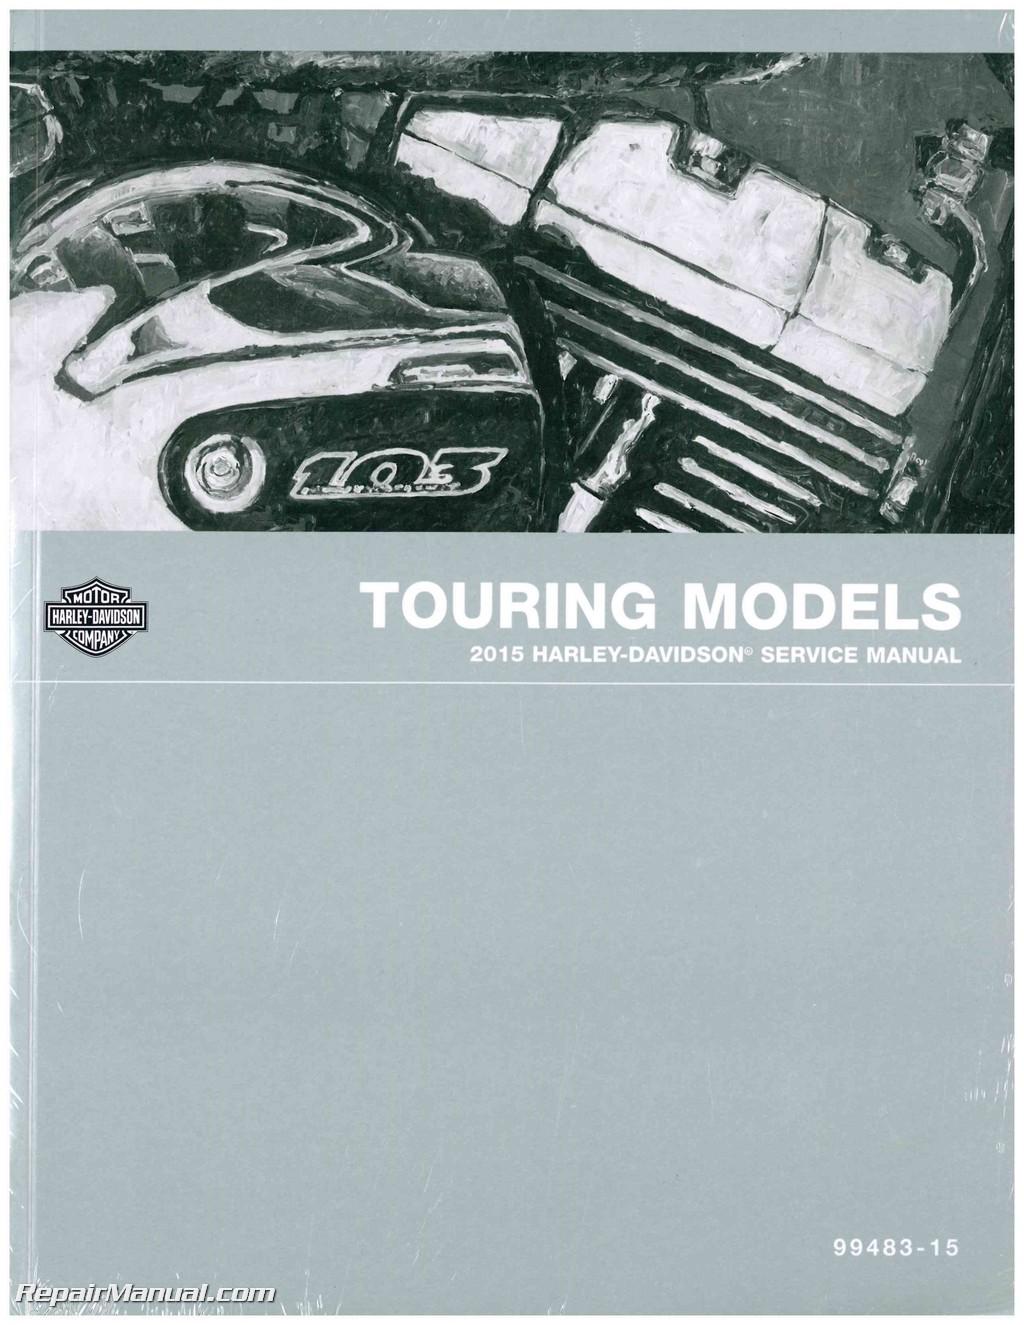 2016 harley davidson touring motorcycle service manual rh repairmanual com Harley-Davidson Touring Bikes 2013 harley davidson touring service manual